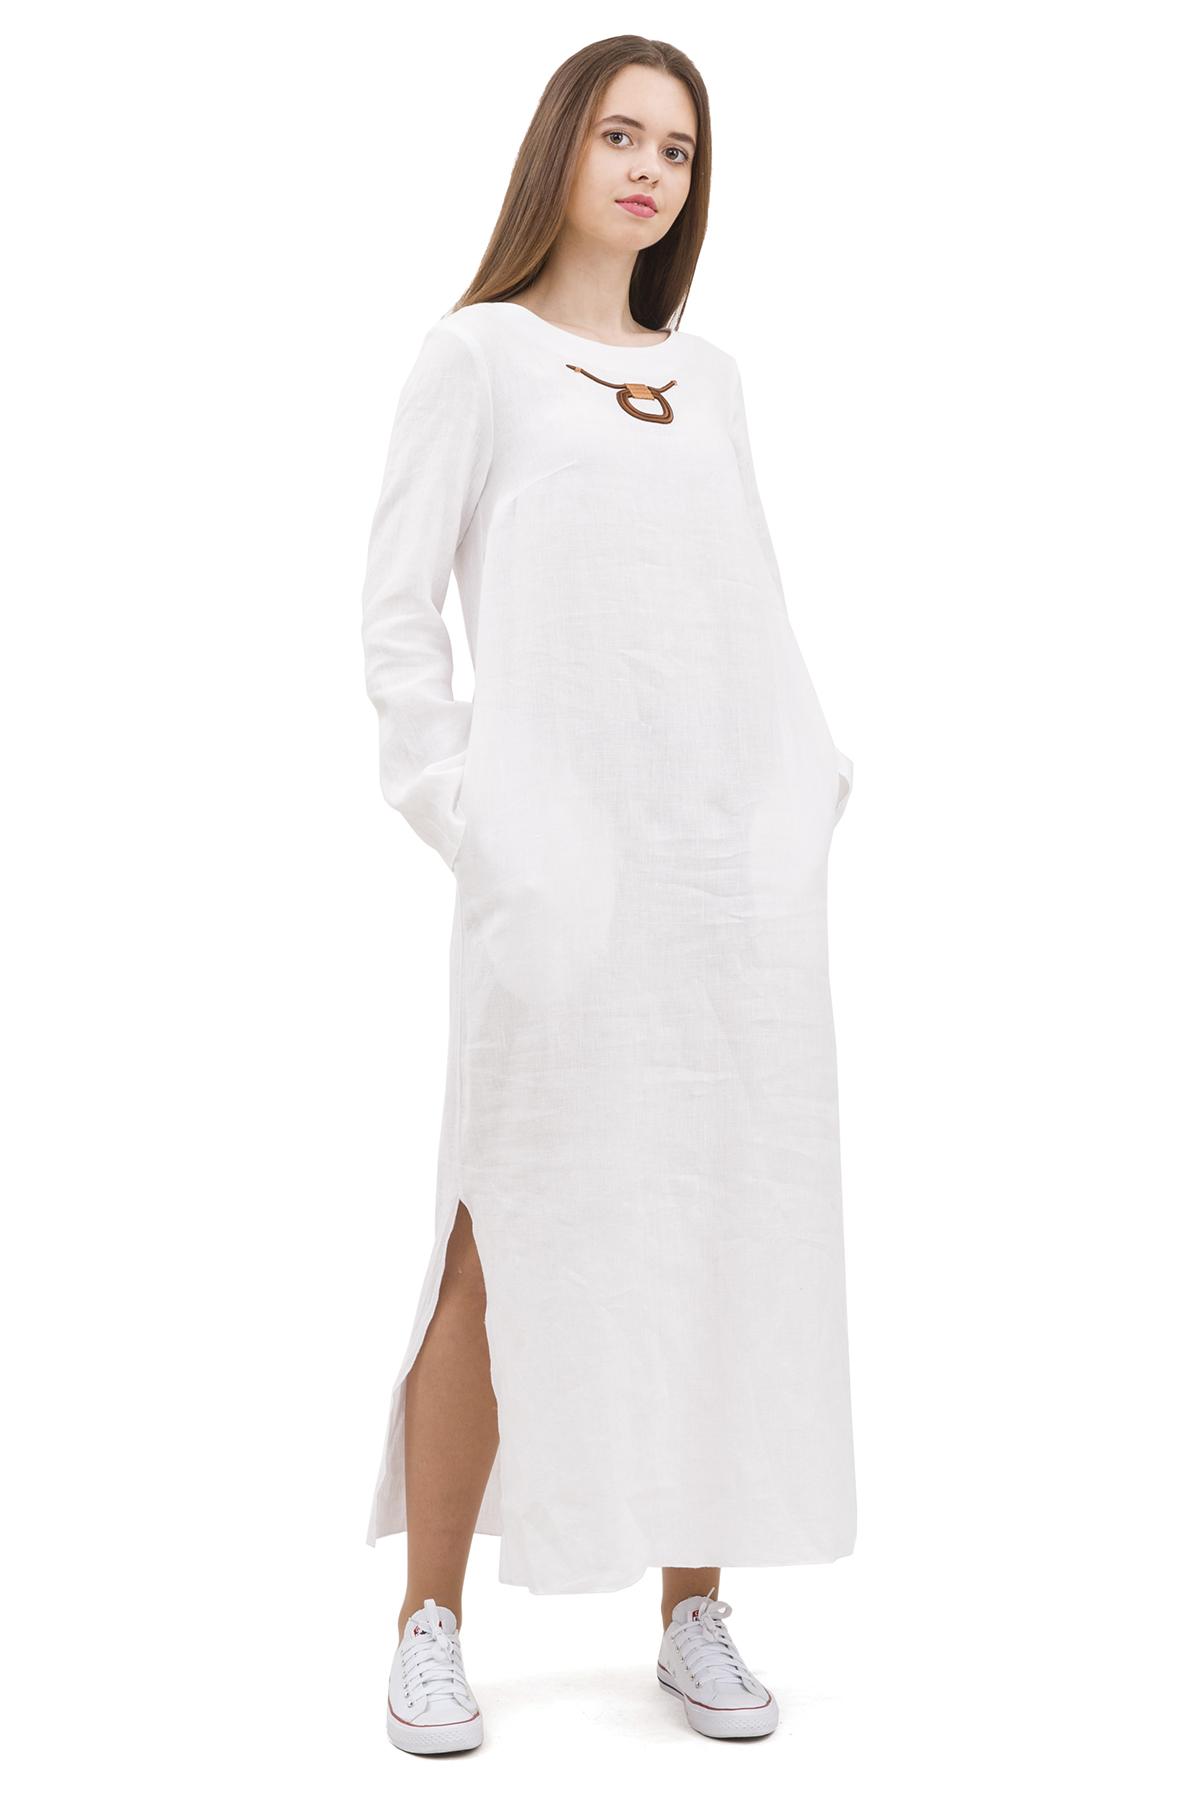 ПлатьеПлатья,  сарафаны<br>Стильное платье выполнено из натуральной ткани - льна. Данная модель удачно подчеркнет красоту Вашей фигуры, а яркая расцветка  не оставит Вас незамеченной.<br><br>Цвет: белый<br>Состав: 100% лен<br>Размер: 42,44,46,48,50,52,54,56<br>Страна дизайна: Россия<br>Страна производства: Россия